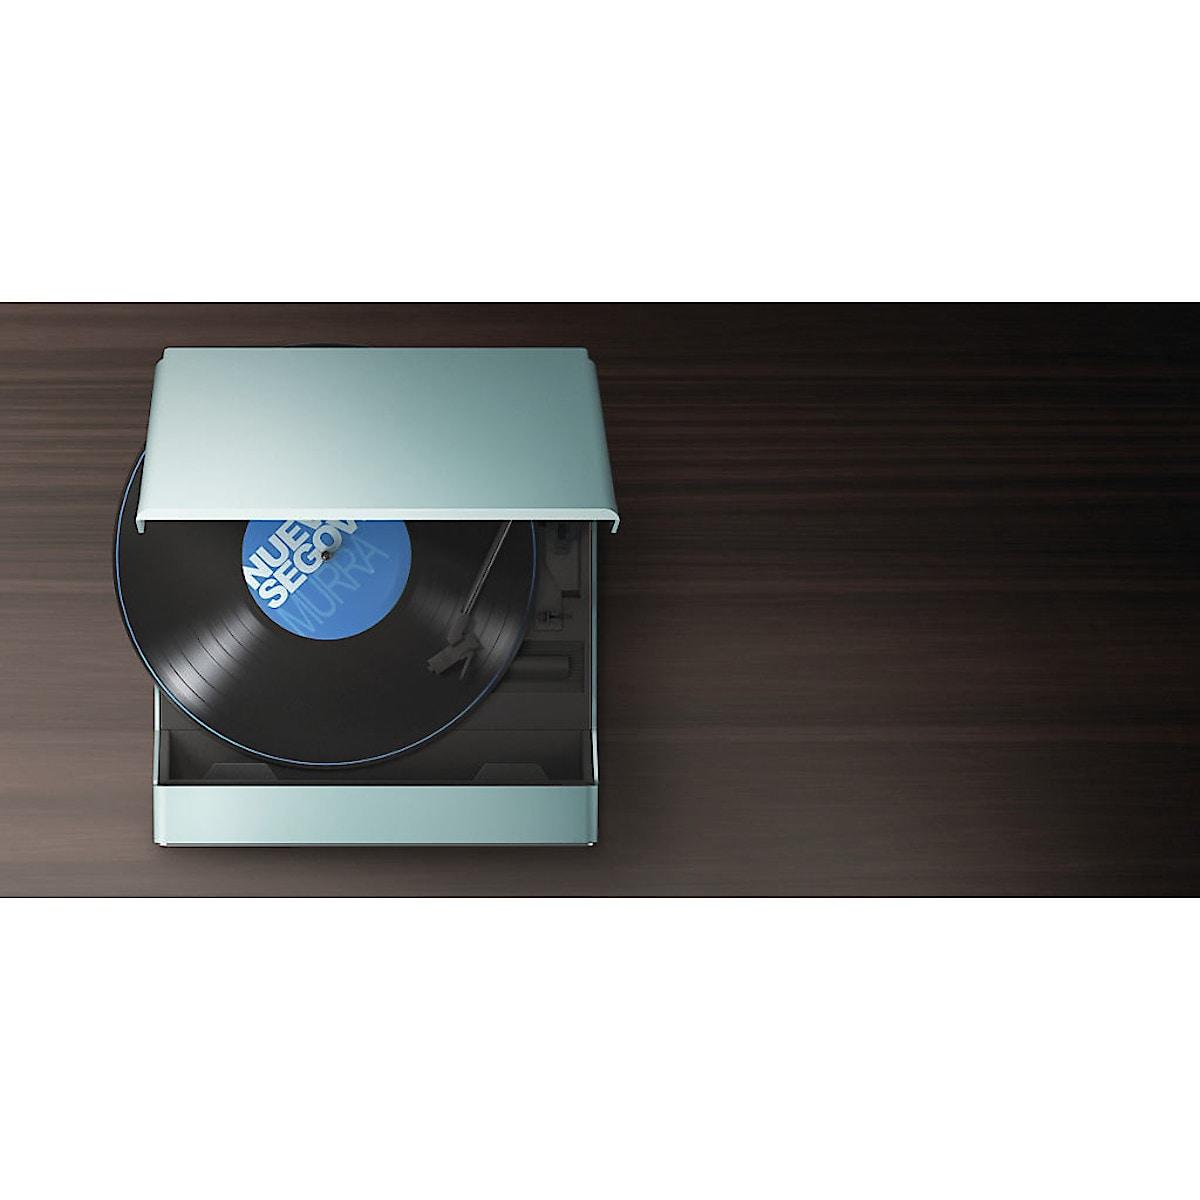 Levysoitin, jossa Bluetooth, Philips OTT2000